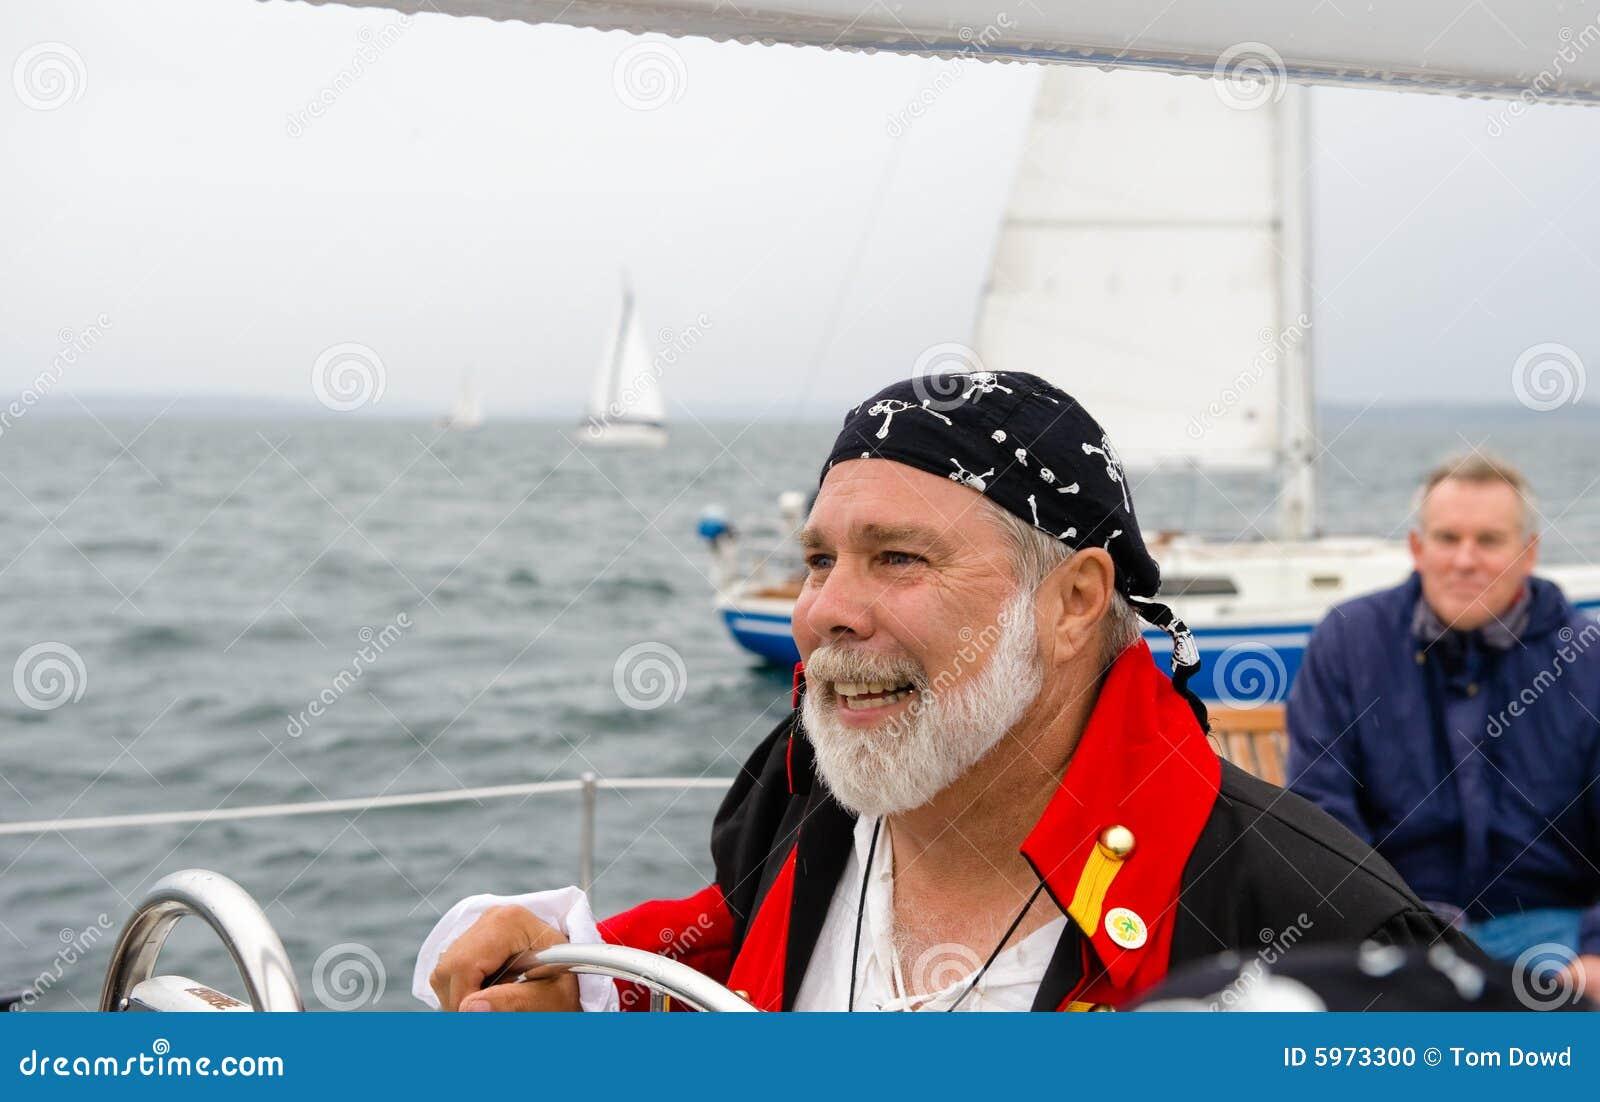 Pilote de bateau à voiles